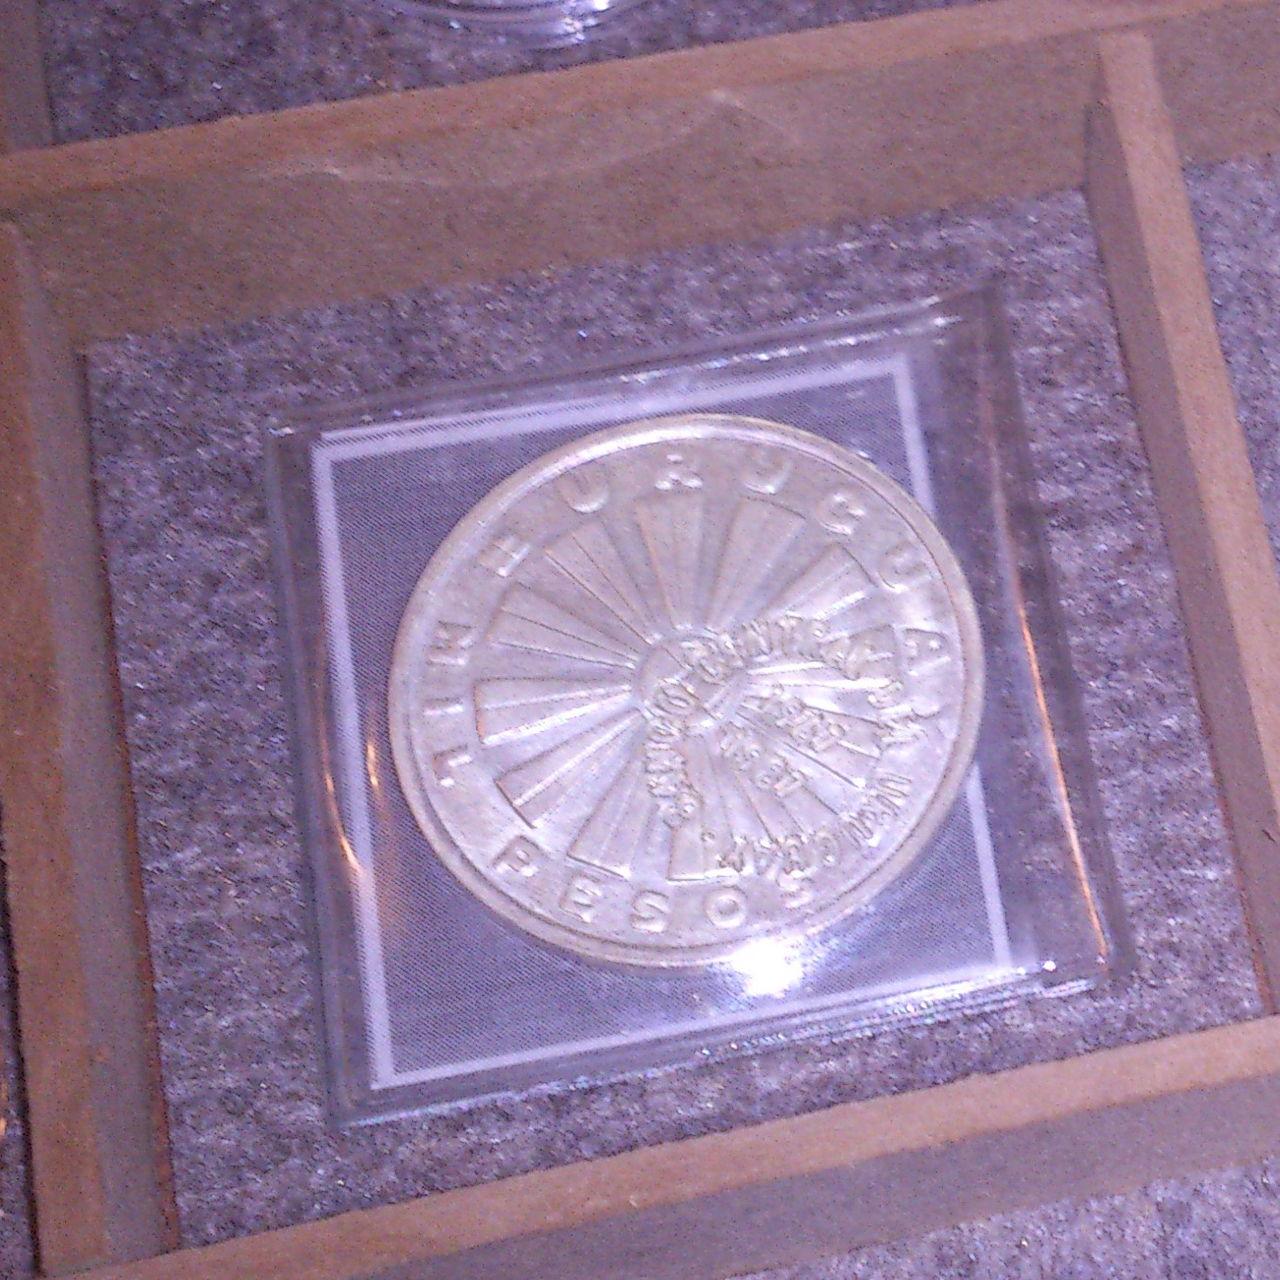 Monedas conmemorativas de Uruguay acuñadas en plata 1961 - Presente. - Página 2 DSC_8967